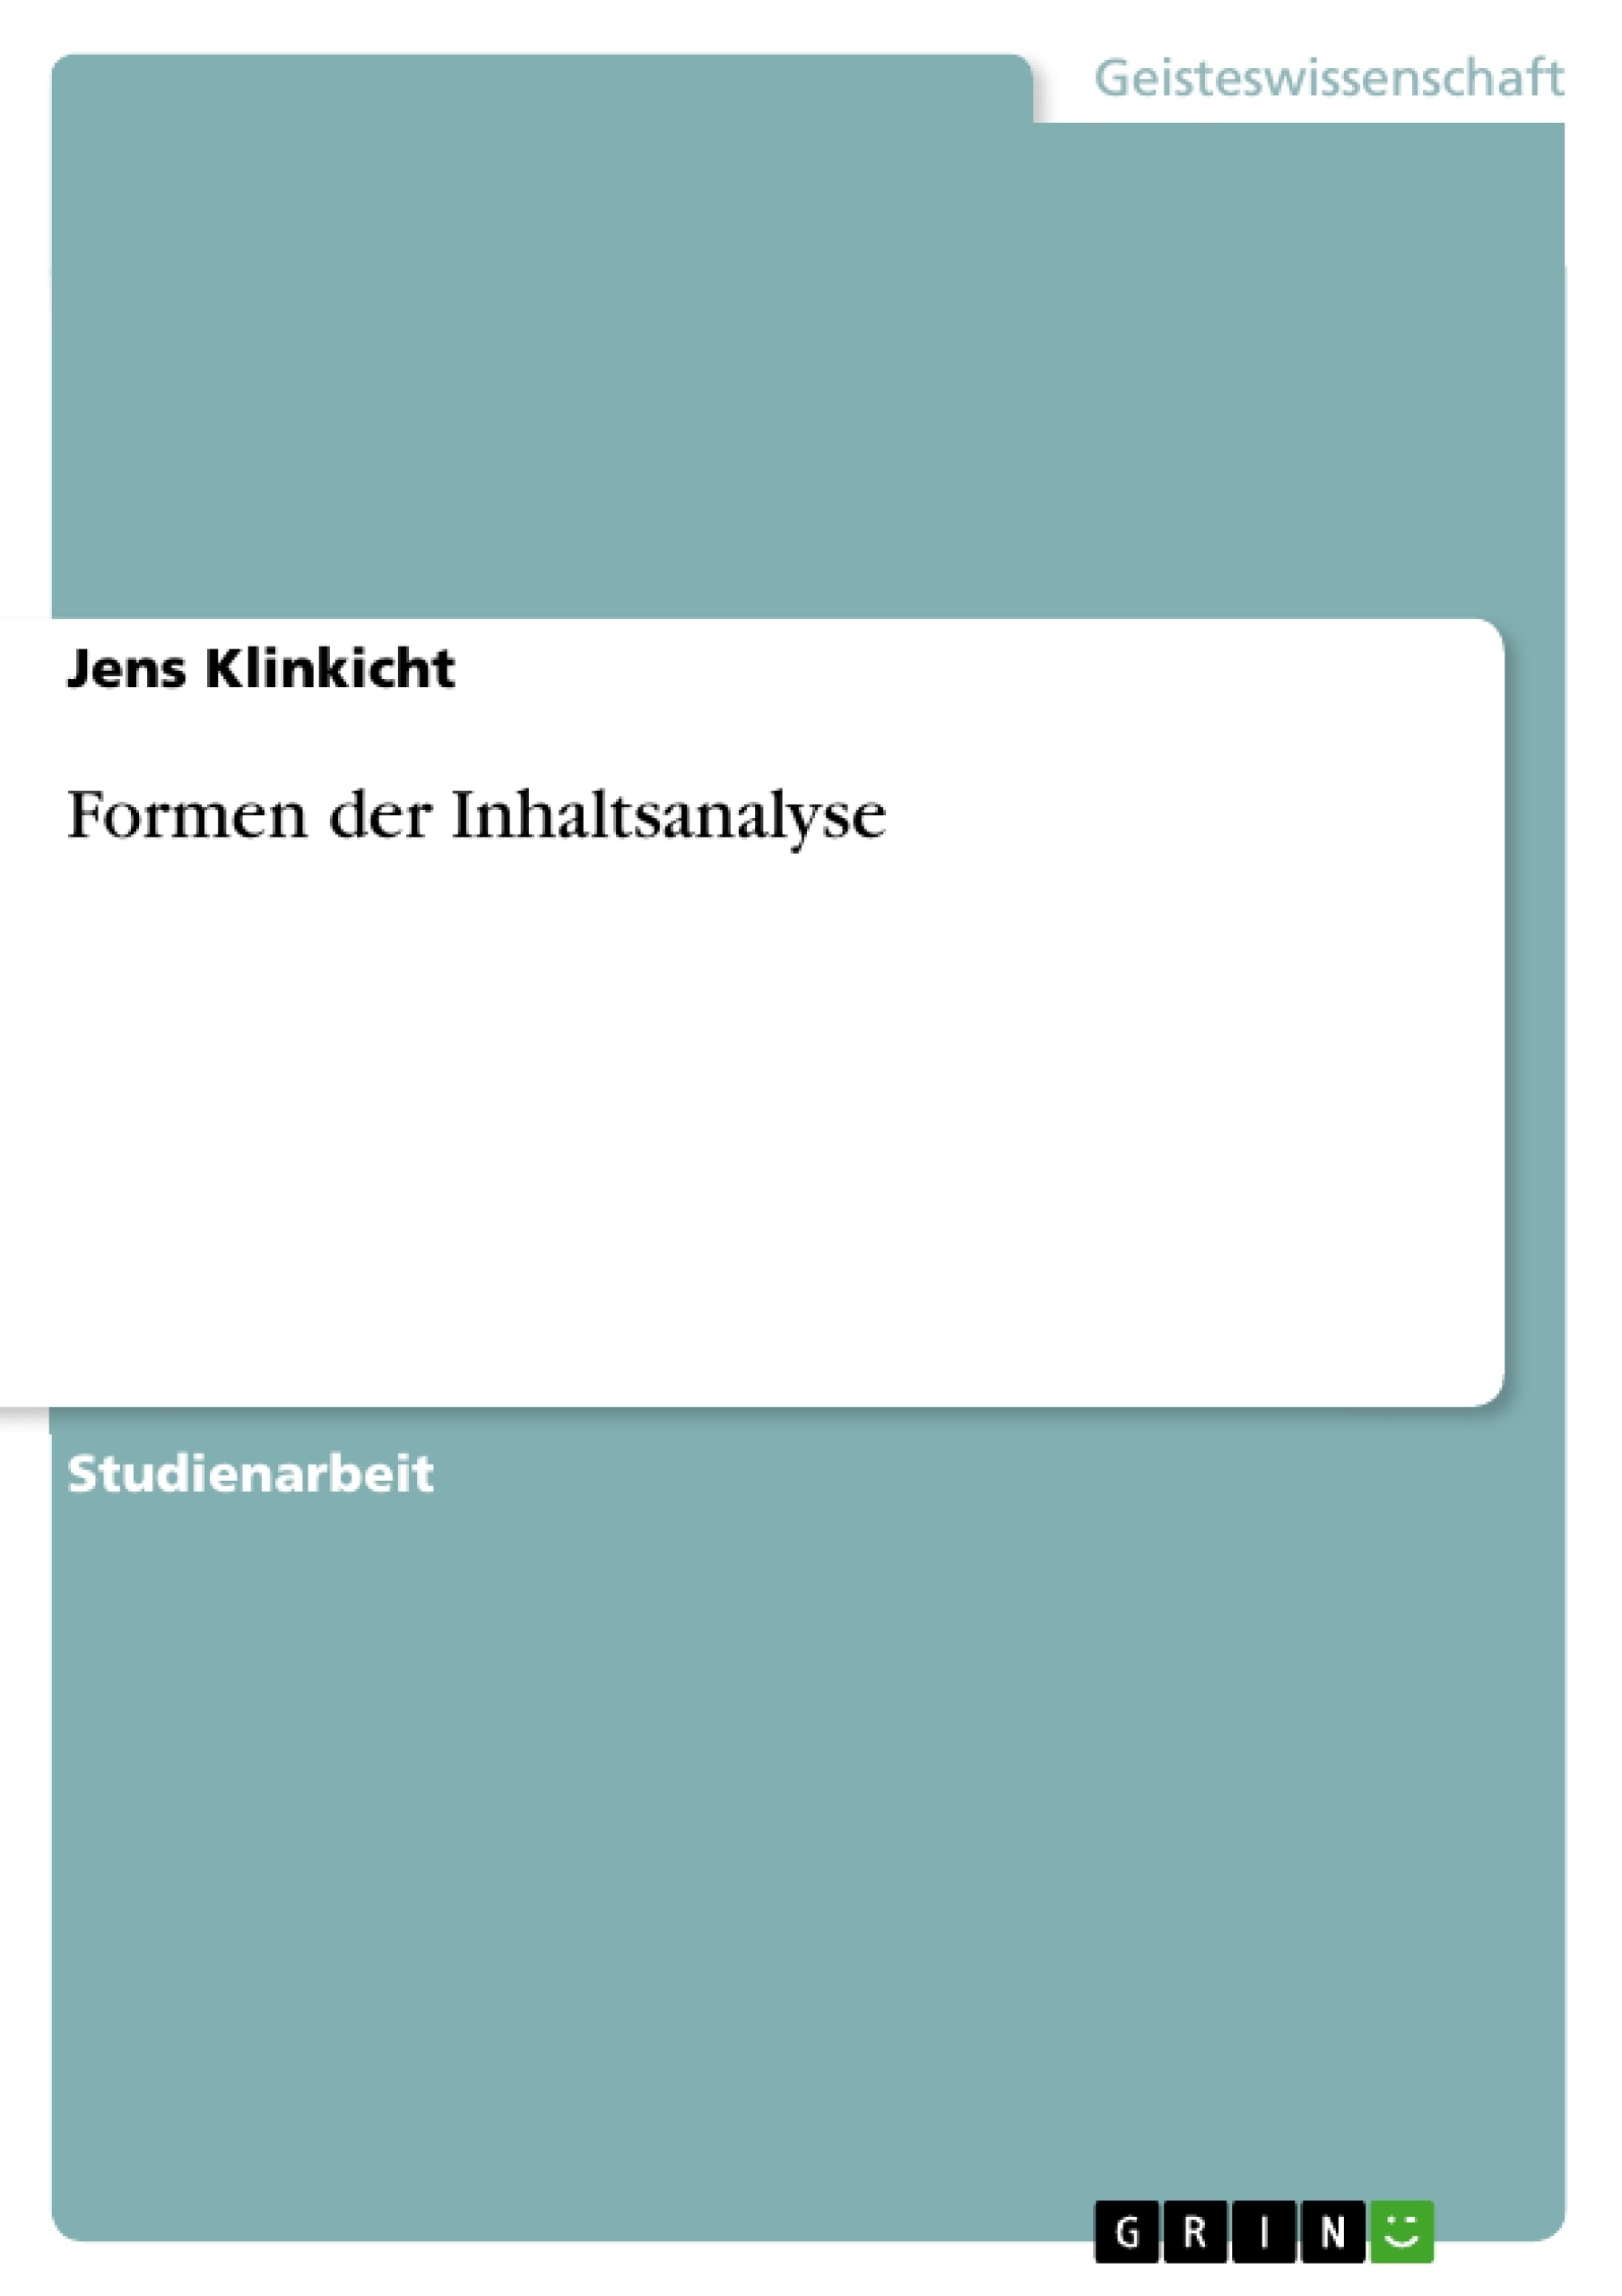 Titel: Formen der Inhaltsanalyse